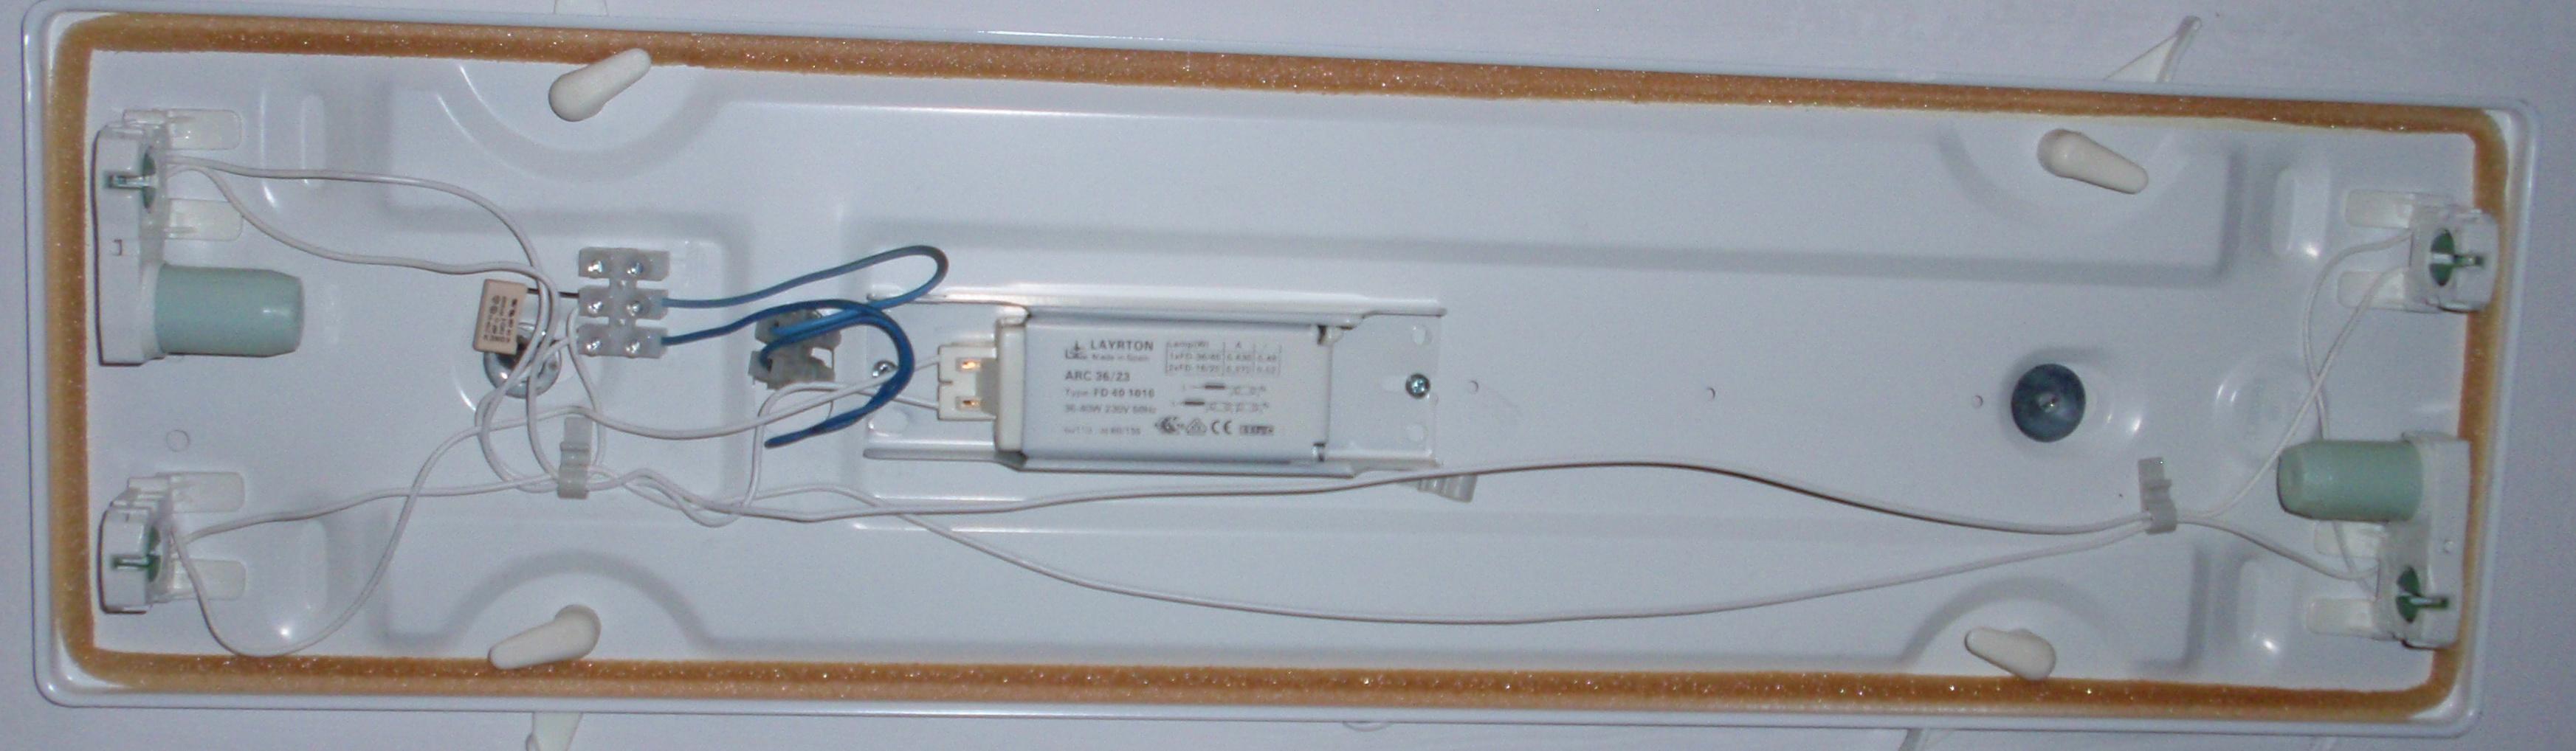 Solucionado cambiar tubos led en pantalla 2 tubos yoreparo - Tubos fluorescentes de led ...